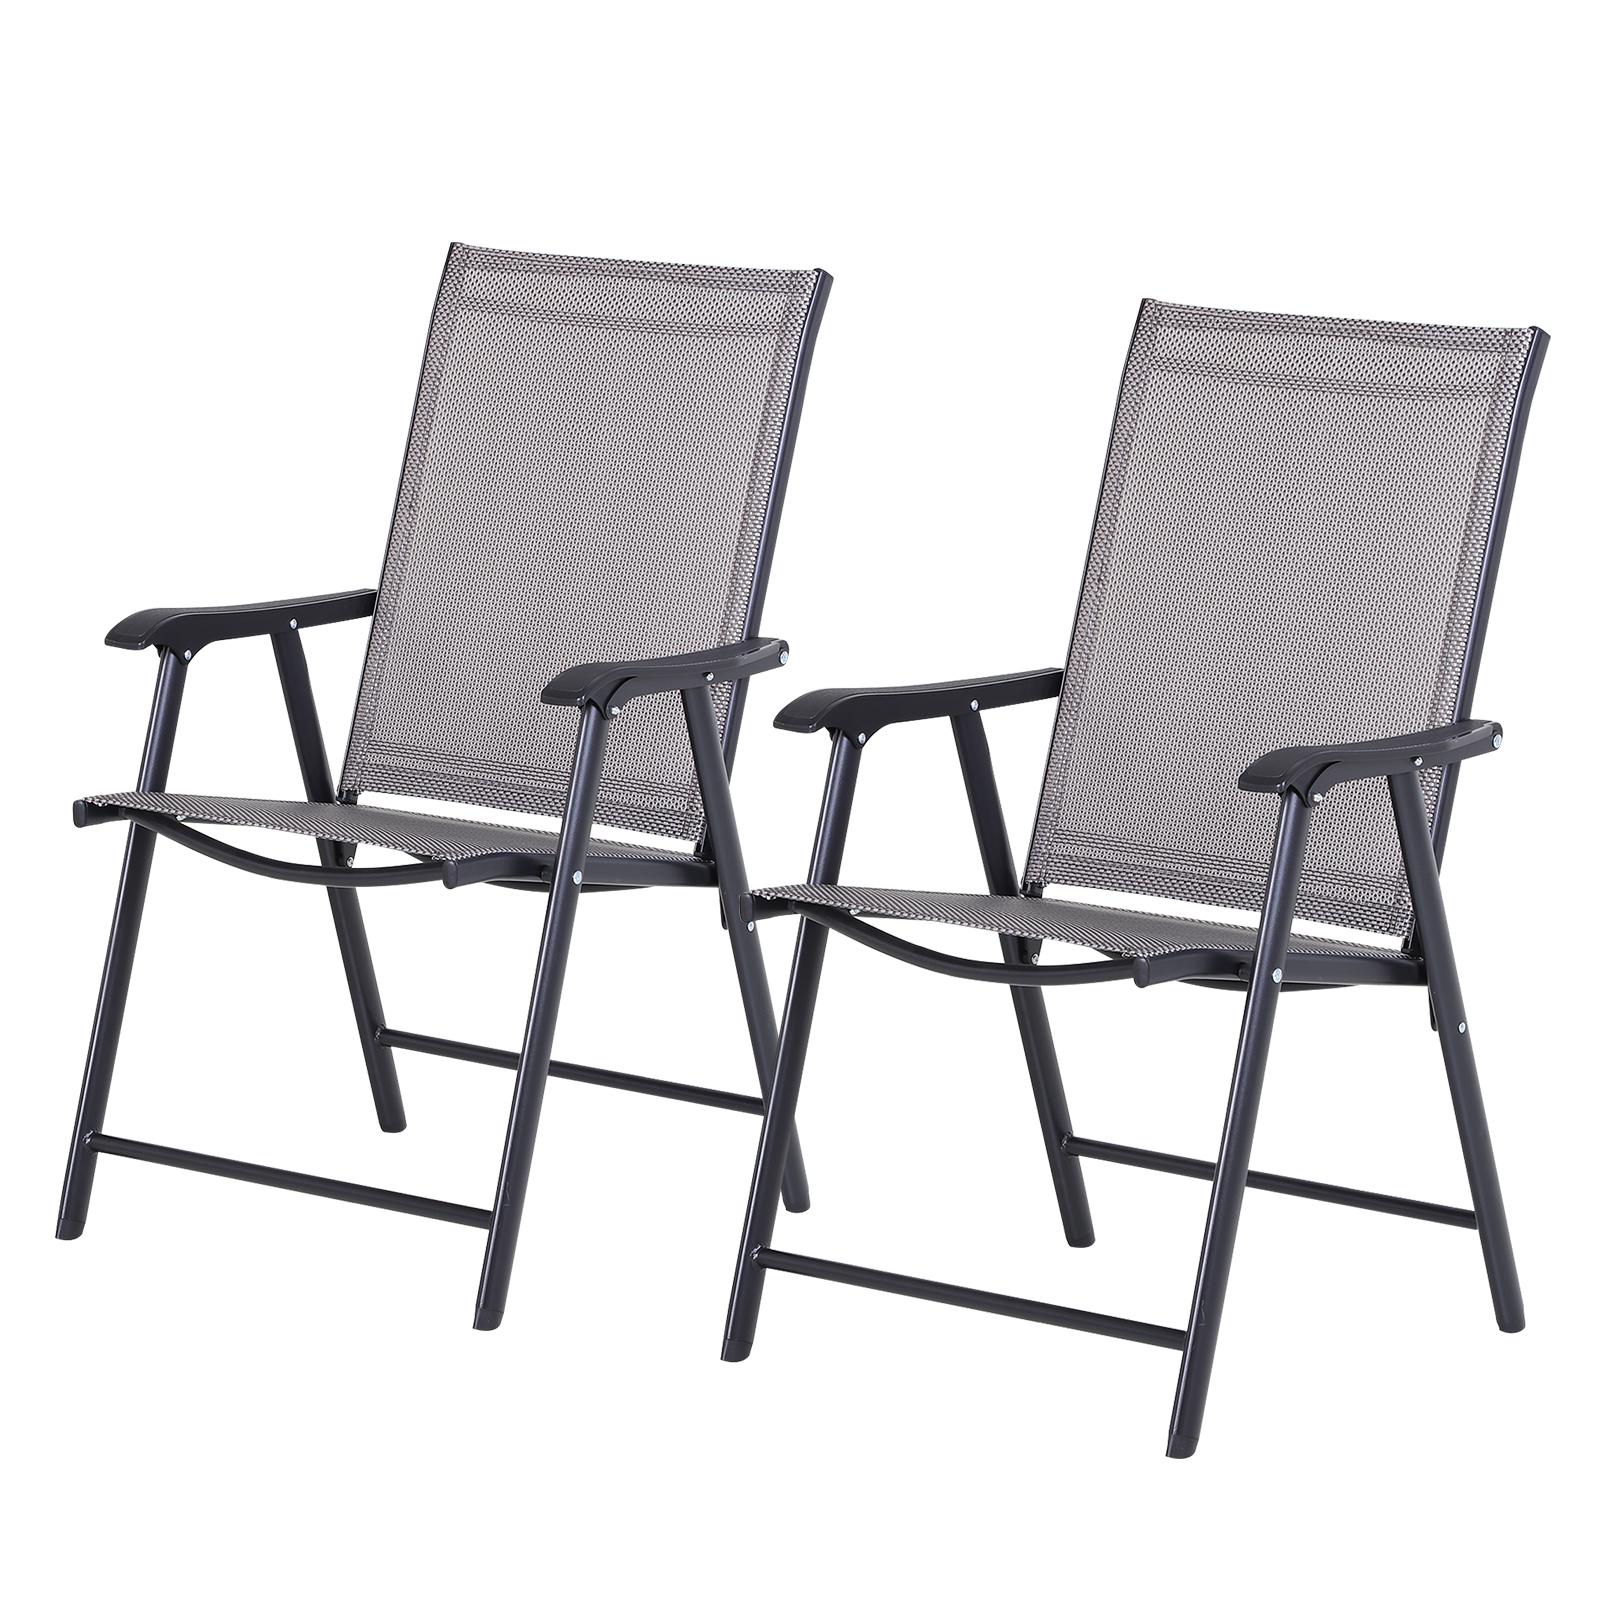 Lot 2 chaises de jardin pliantes accoudoirs métal textilène noir gris